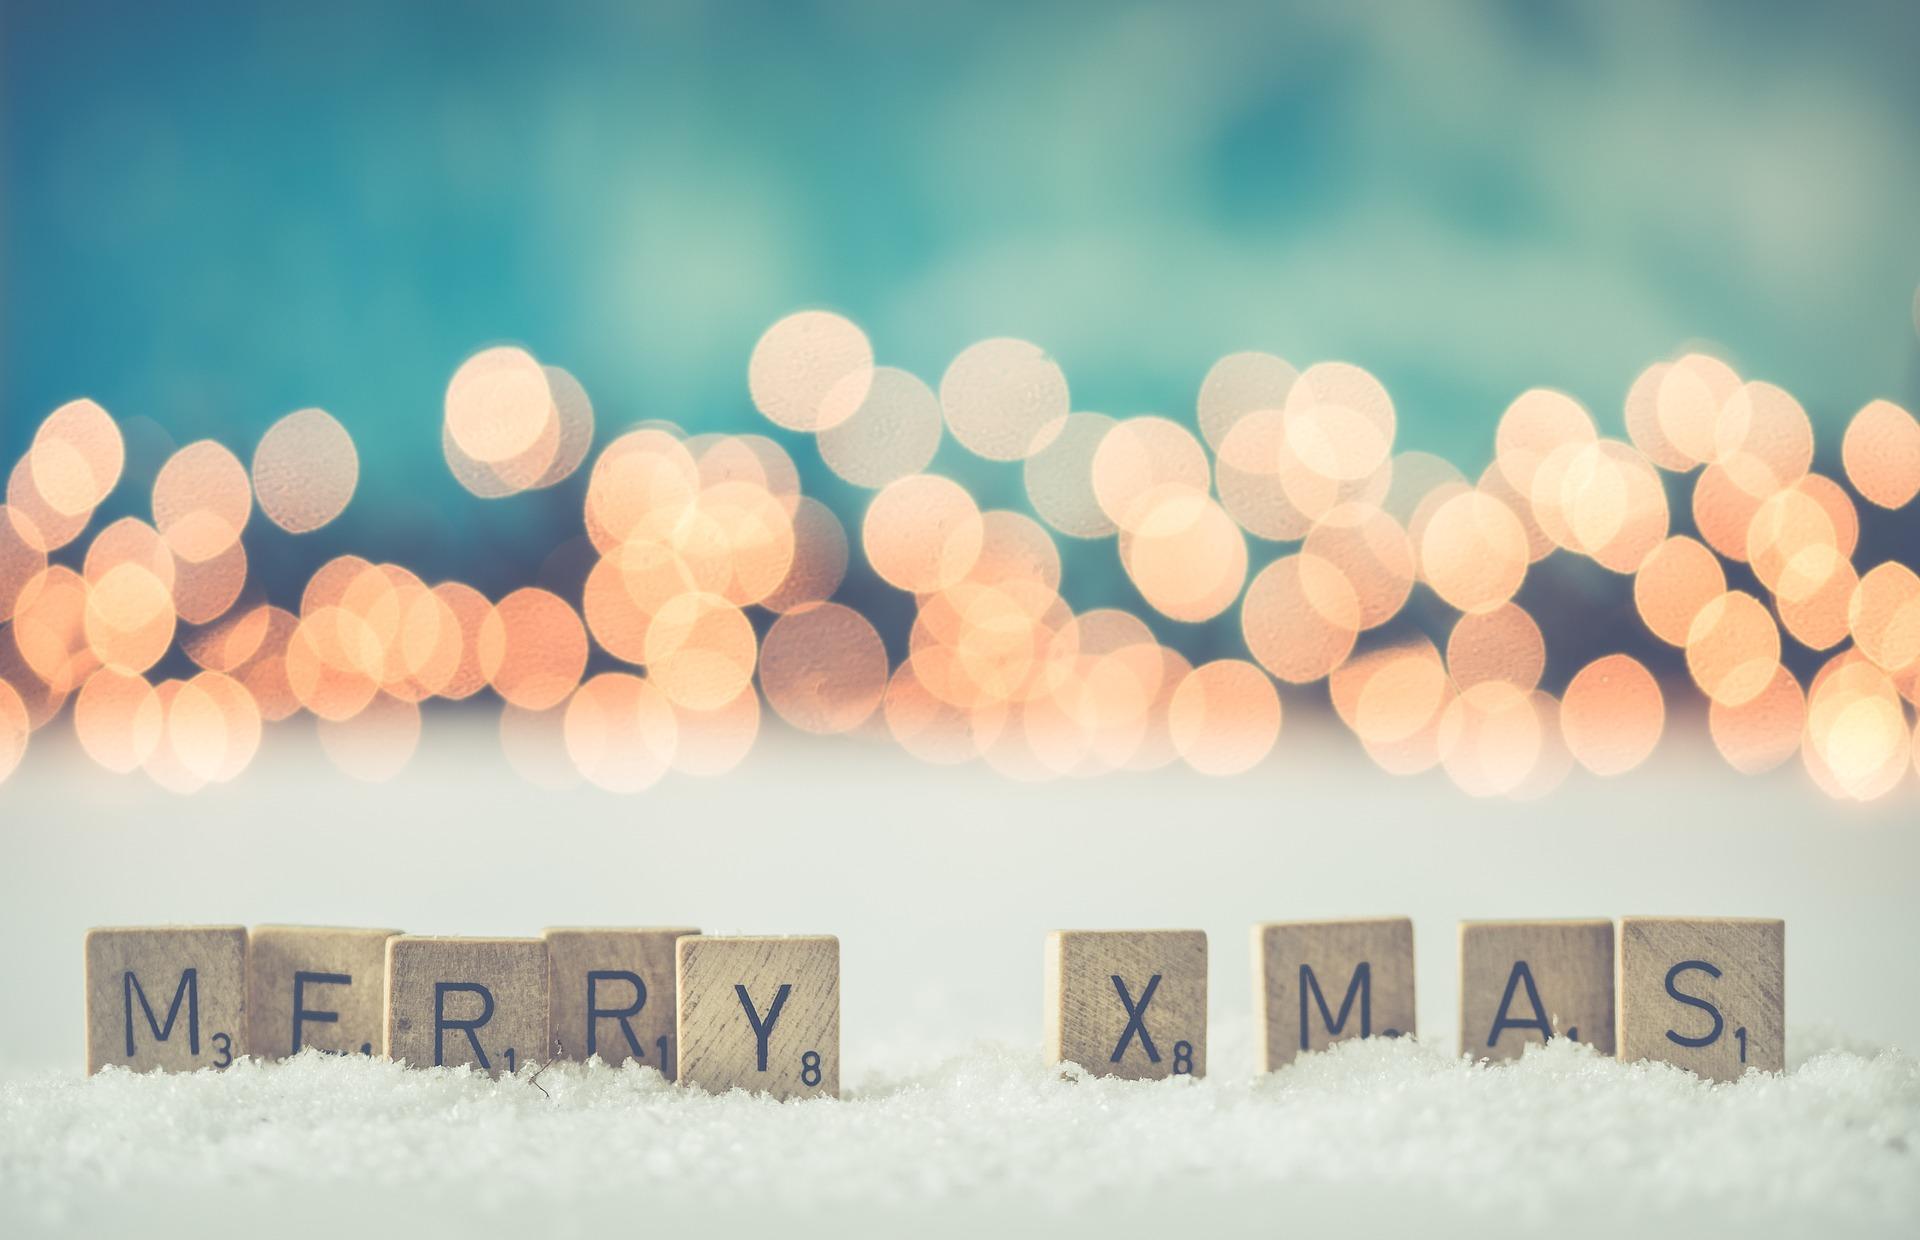 Weihnachtsgedichte Geschäftskunden.Weihnachtsgrüße Geschäftlich Und Dabei Herzlich Mit Textvorlagen